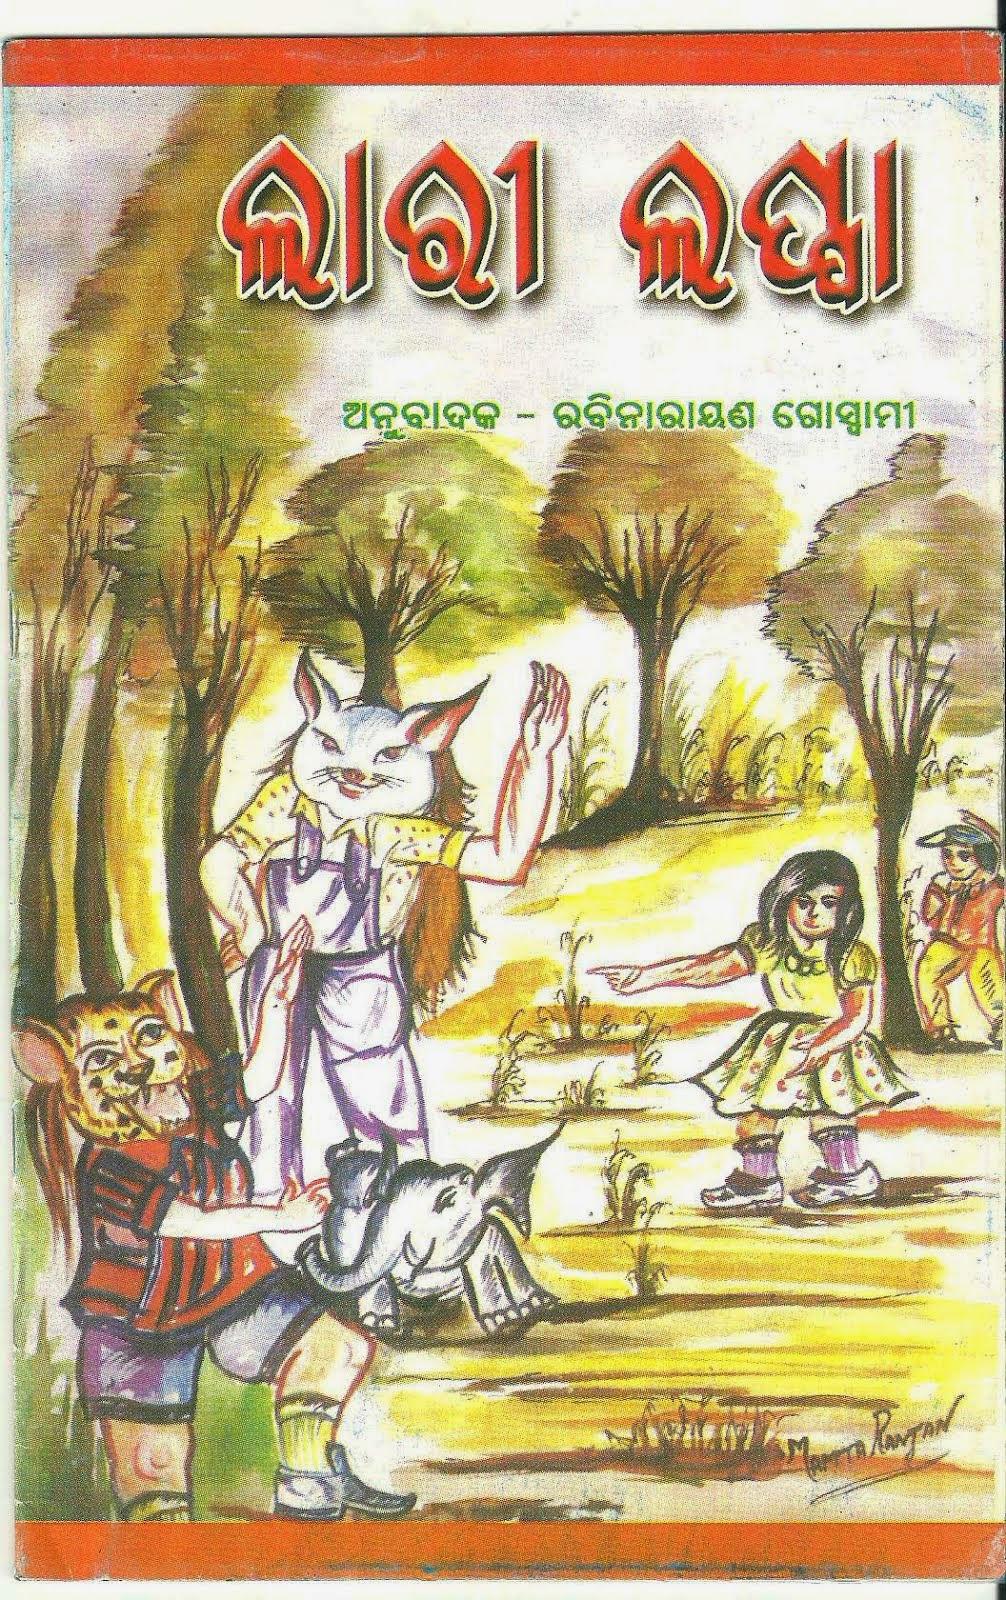 'लारी लप्पा' ओड़िया भाषा में